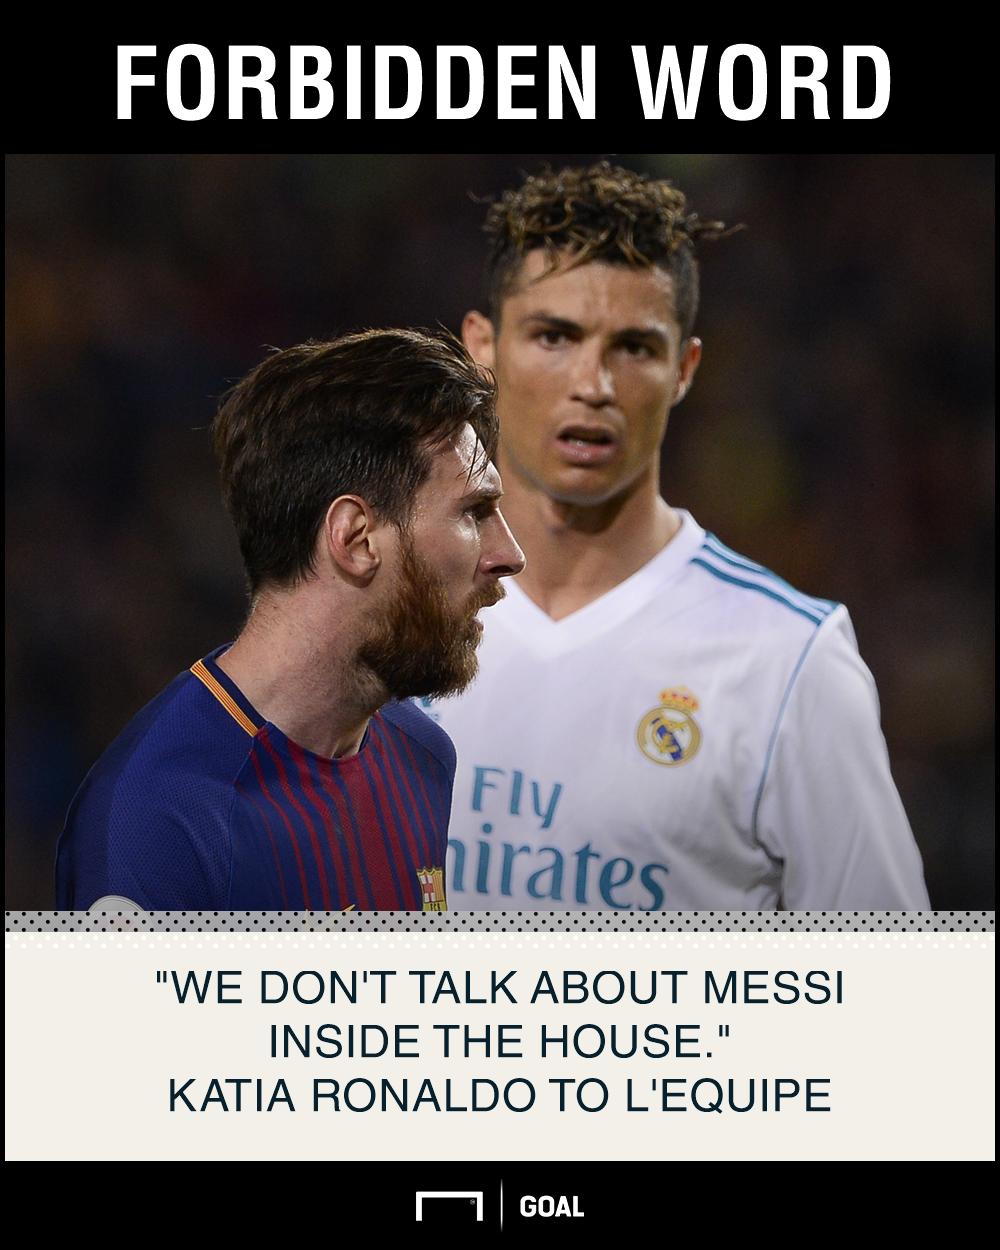 Cristiano Ronaldo Lionel Messi forbidden word